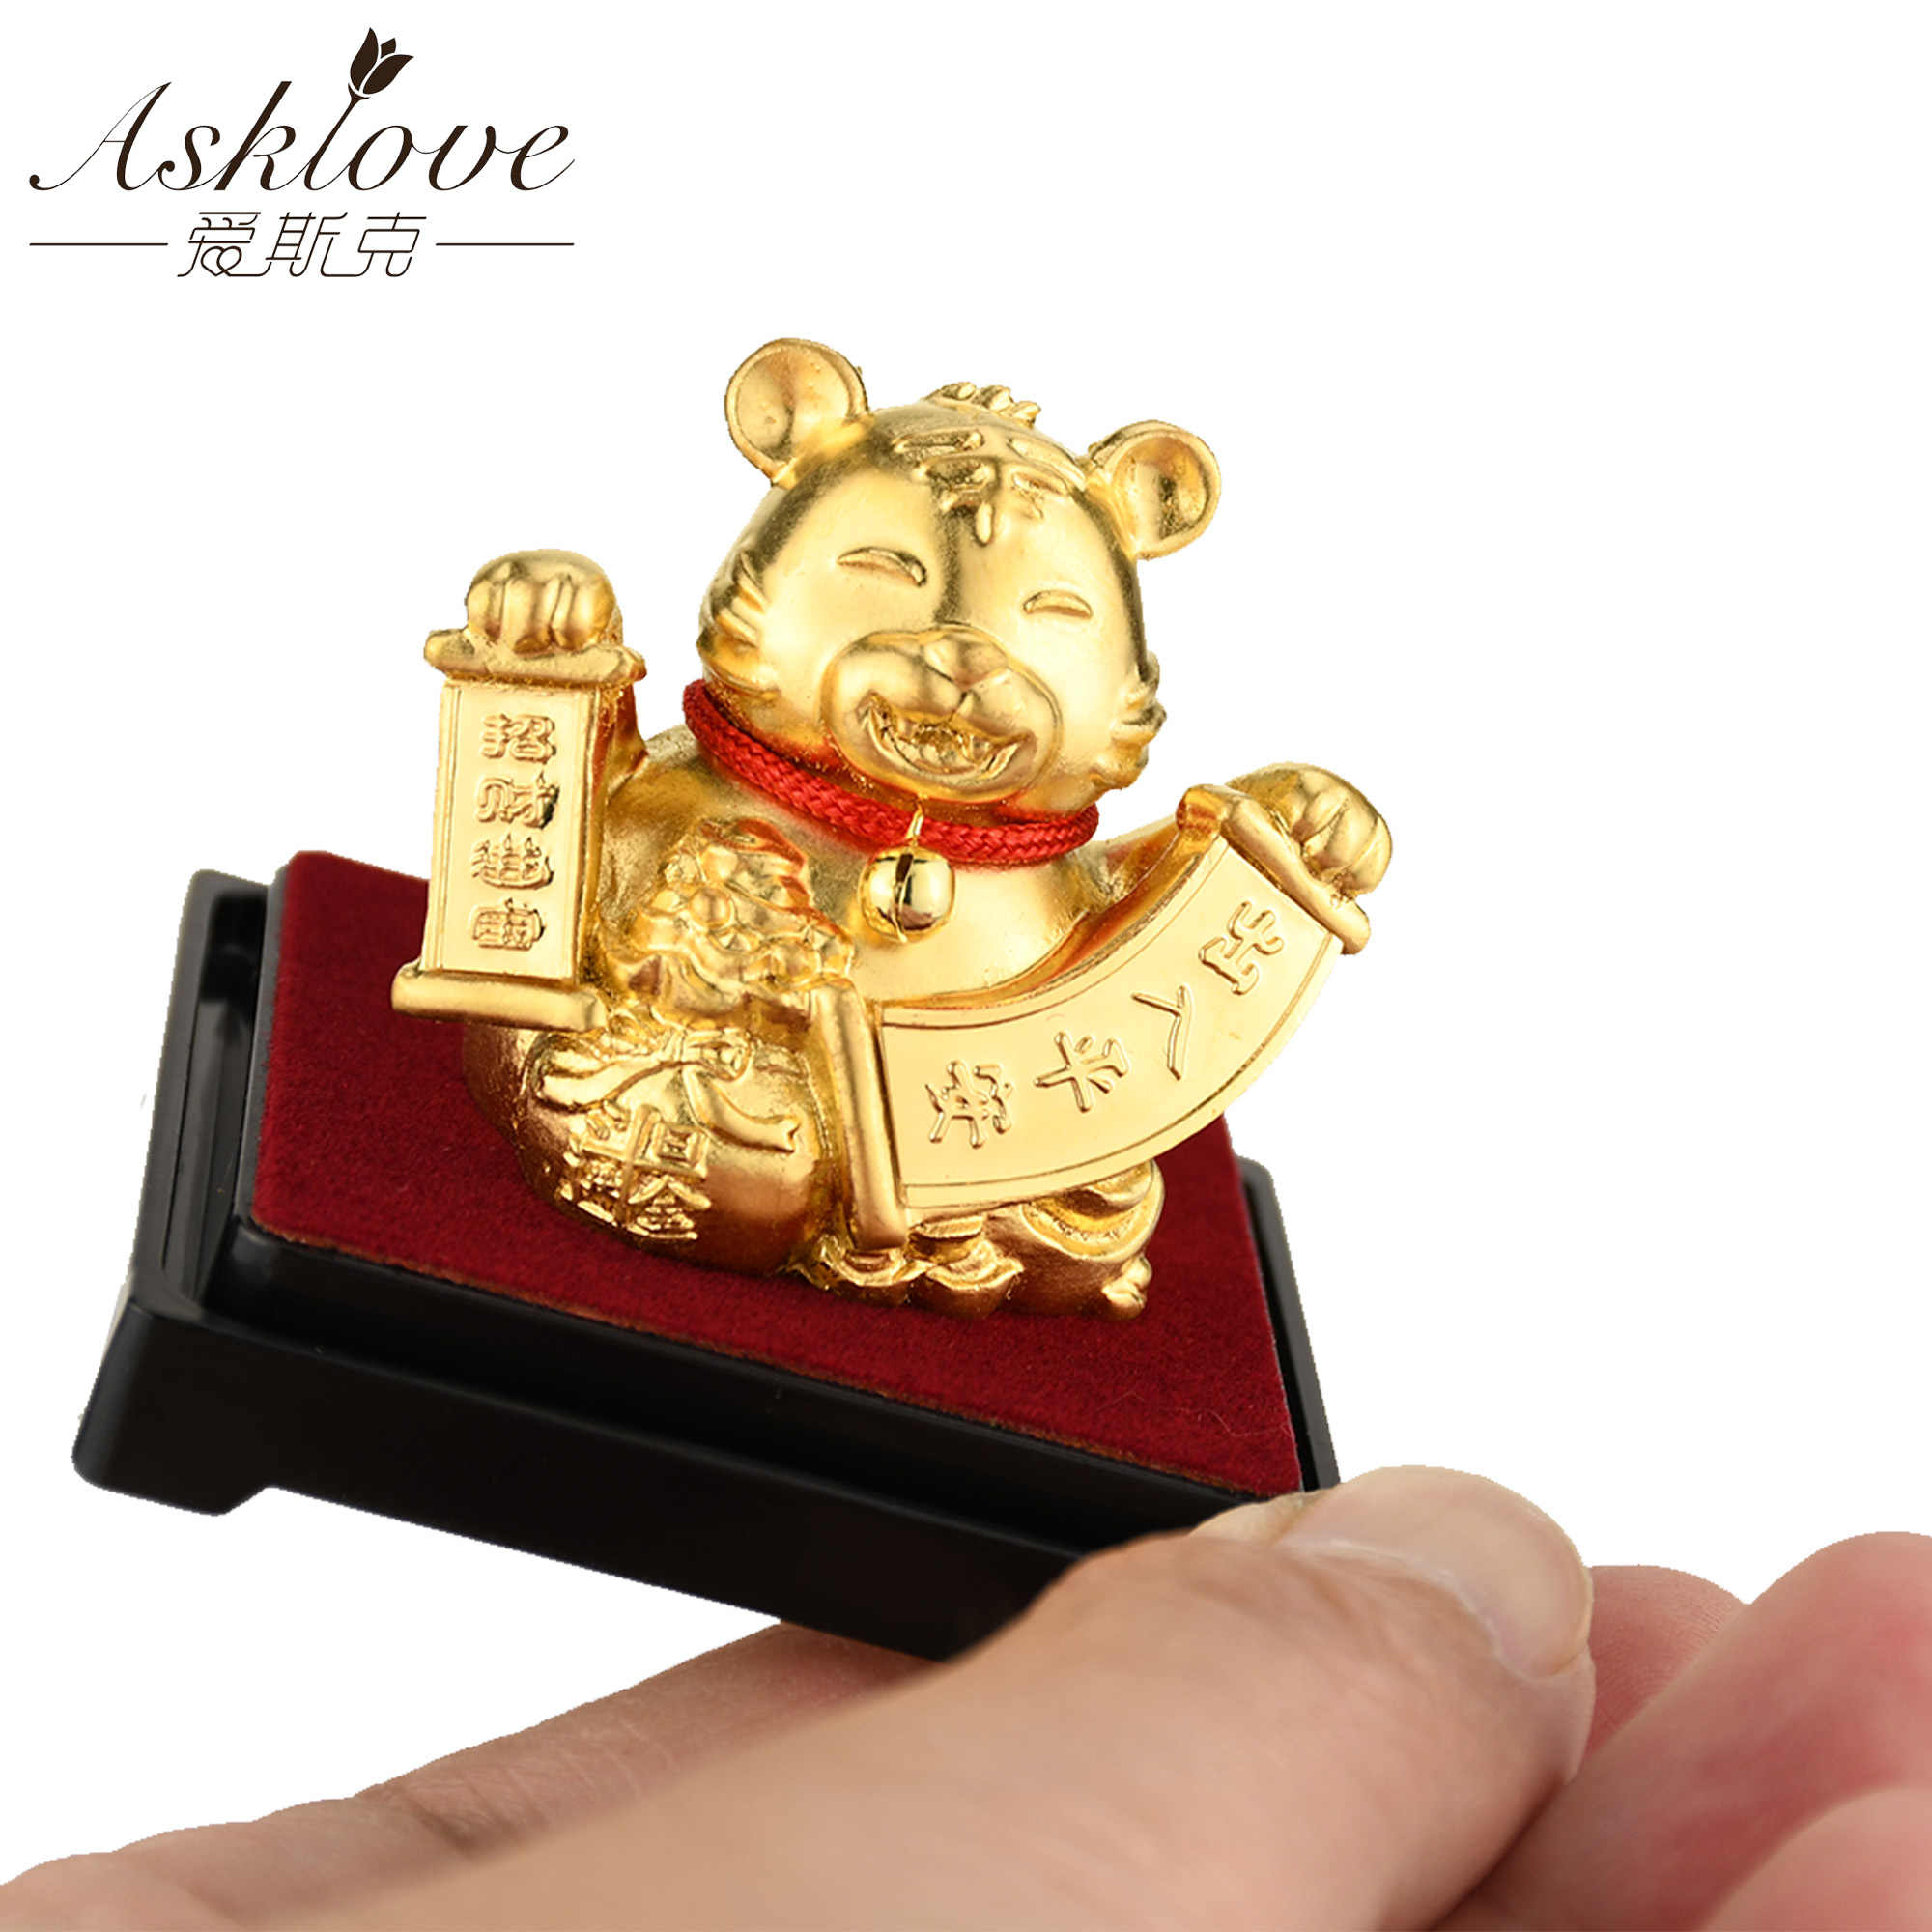 Zodiaco cinese Raccogliere Ricchezza Ornamenti 24k Lamina D'oro Fengshui decor Drago/Rat/Maiale/Auto scimmia Fortunato artigianato Home office decor